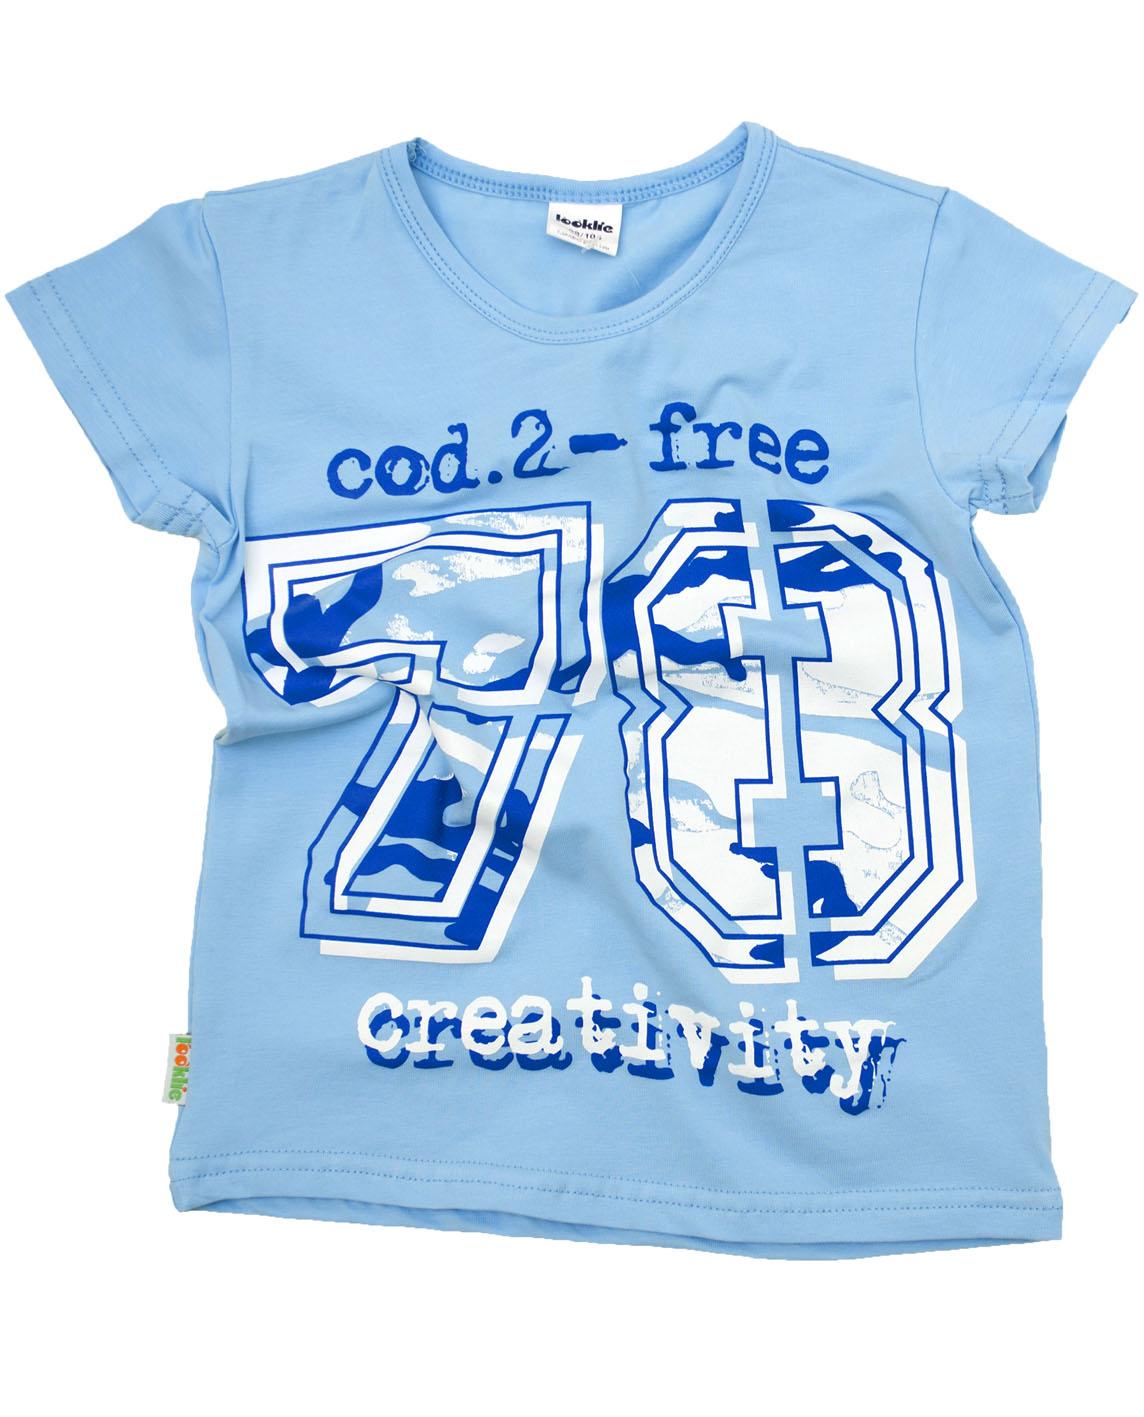 ФутболкаФутболки<br>Хлопковая футболка для мальчика  В изделии использованы цвета: голубой, белый  Размер 74 соответствует росту 70-73 см Размер 80 соответствует росту 74-80 см Размер 86 соответствует росту 81-86 см Размер 92 соответствует росту 87-92 см Размер 98 соответствует росту 93-98 см Размер 104 соответствует росту 98-104 см Размер 110 соответствует росту 105-110 см Размер 116 соответствует росту 111-116 см Размер 122 соответствует росту 117-122 см Размер 128 соответствует росту 123-128 см Размер 134 соответствует росту 129-134 см Размер 140 соответствует росту 135-140 см Размер 146 соответствует росту 141-146 см Размер 152 соответствует росту 147-152 см Размер 158 соответствует росту 153-158 см Размер 164 соответствует росту 159-164 см<br><br>Горловина: С- горловина<br>По возрасту: Дошкольные ( от 3 до 7 лет),Ясельные ( от 1 до 3 лет)<br>По материалу: Хлопковые<br>По образу: Повседневные,Спорт<br>По рисунку: Однотонные,С принтом (печатью)<br>По сезону: Весна,Зима,Лето,Осень,Всесезон<br>По силуэту: Полуприталенные<br>По стилю: Повседневные,Спортивные<br>Рукав: Короткий рукав<br>Размер : 98<br>Материал: Хлопок<br>Количество в наличии: 1